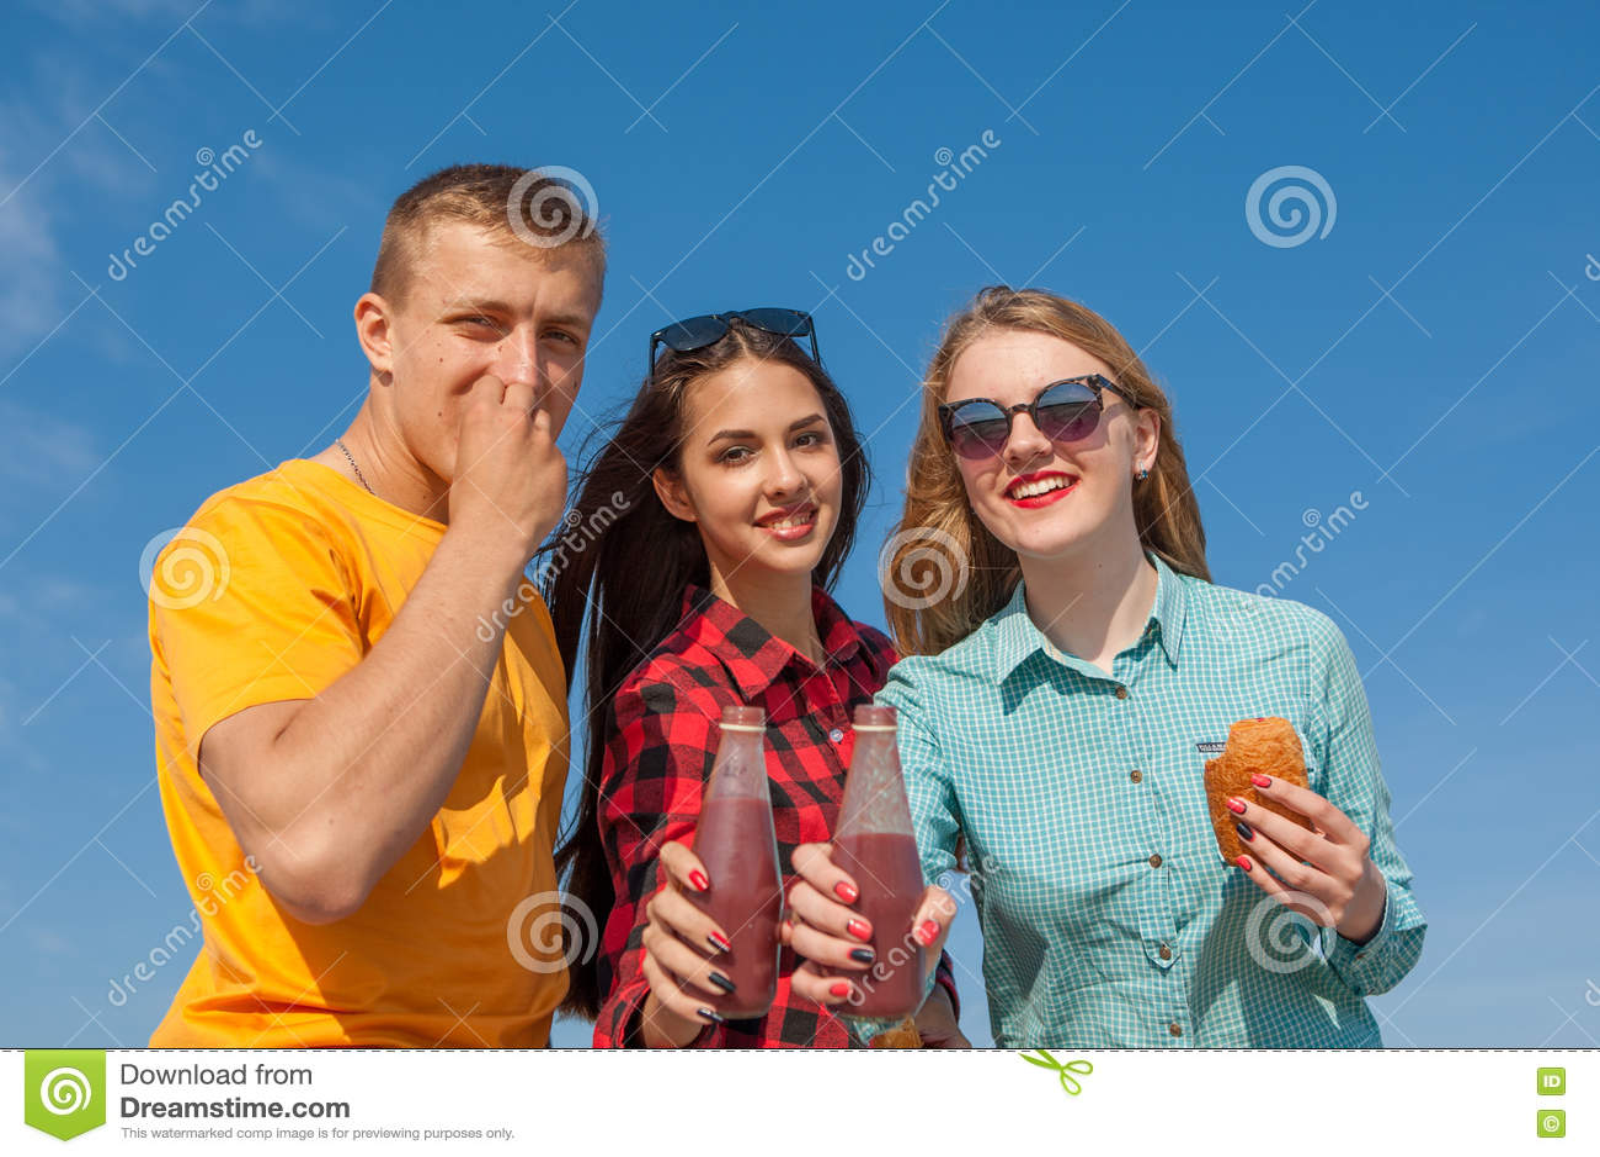 Фото старых две девушки и парень на пляже порнуху